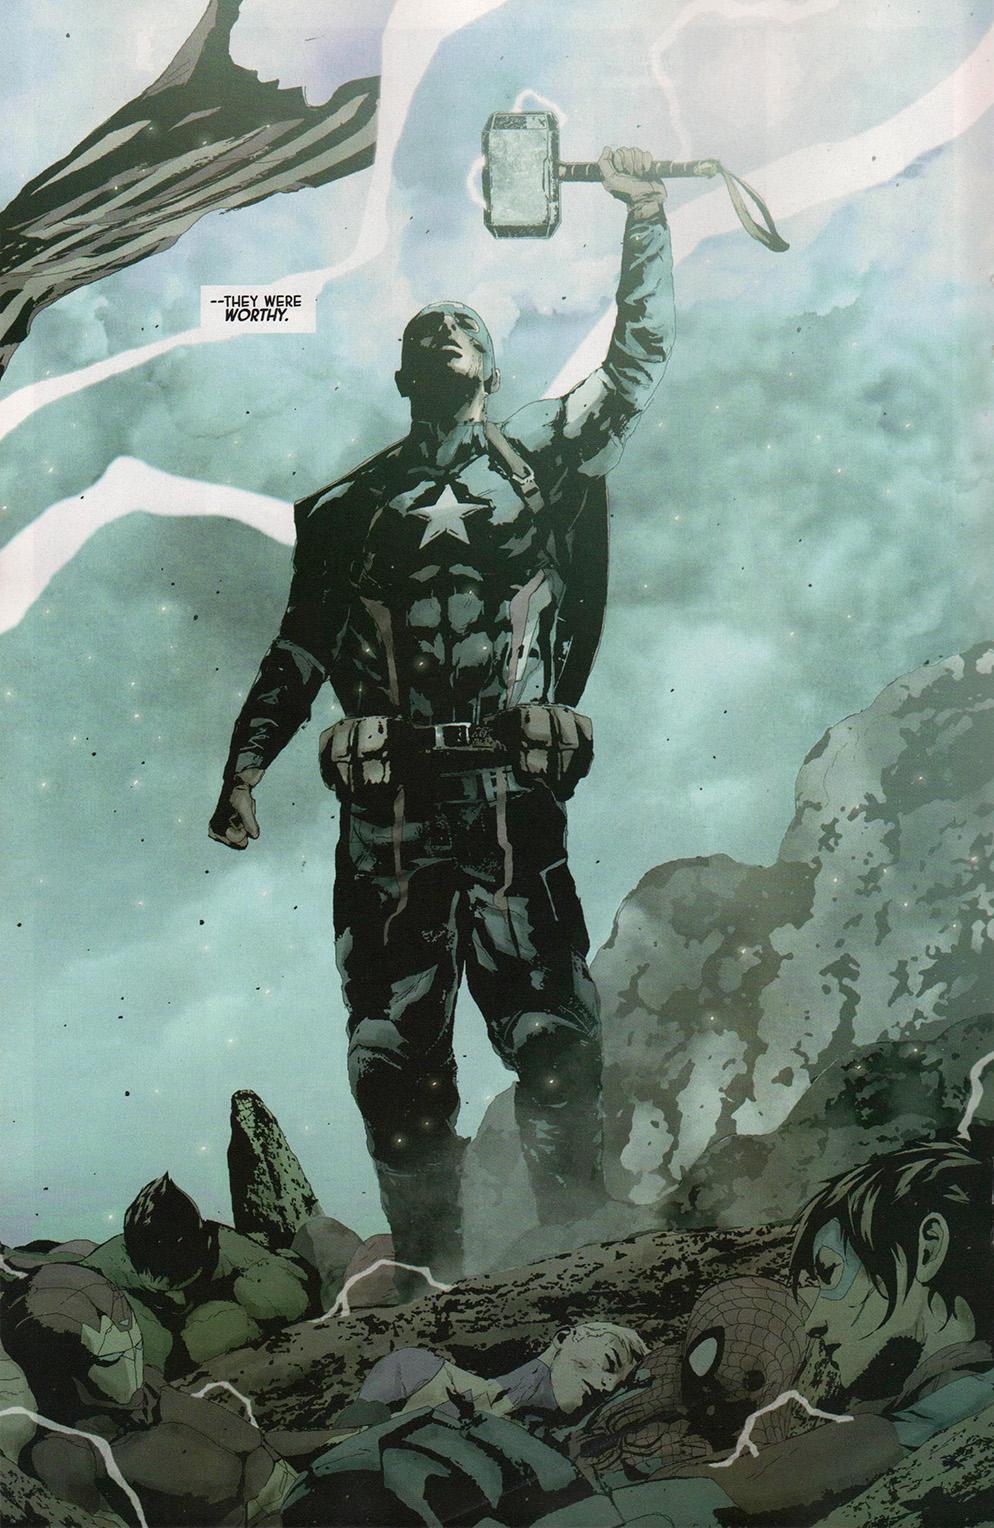 【娛樂文化解答】歷年來美國隊長到底拿起過幾次雷神之鎚?此外超人又是怎麼拿到的?